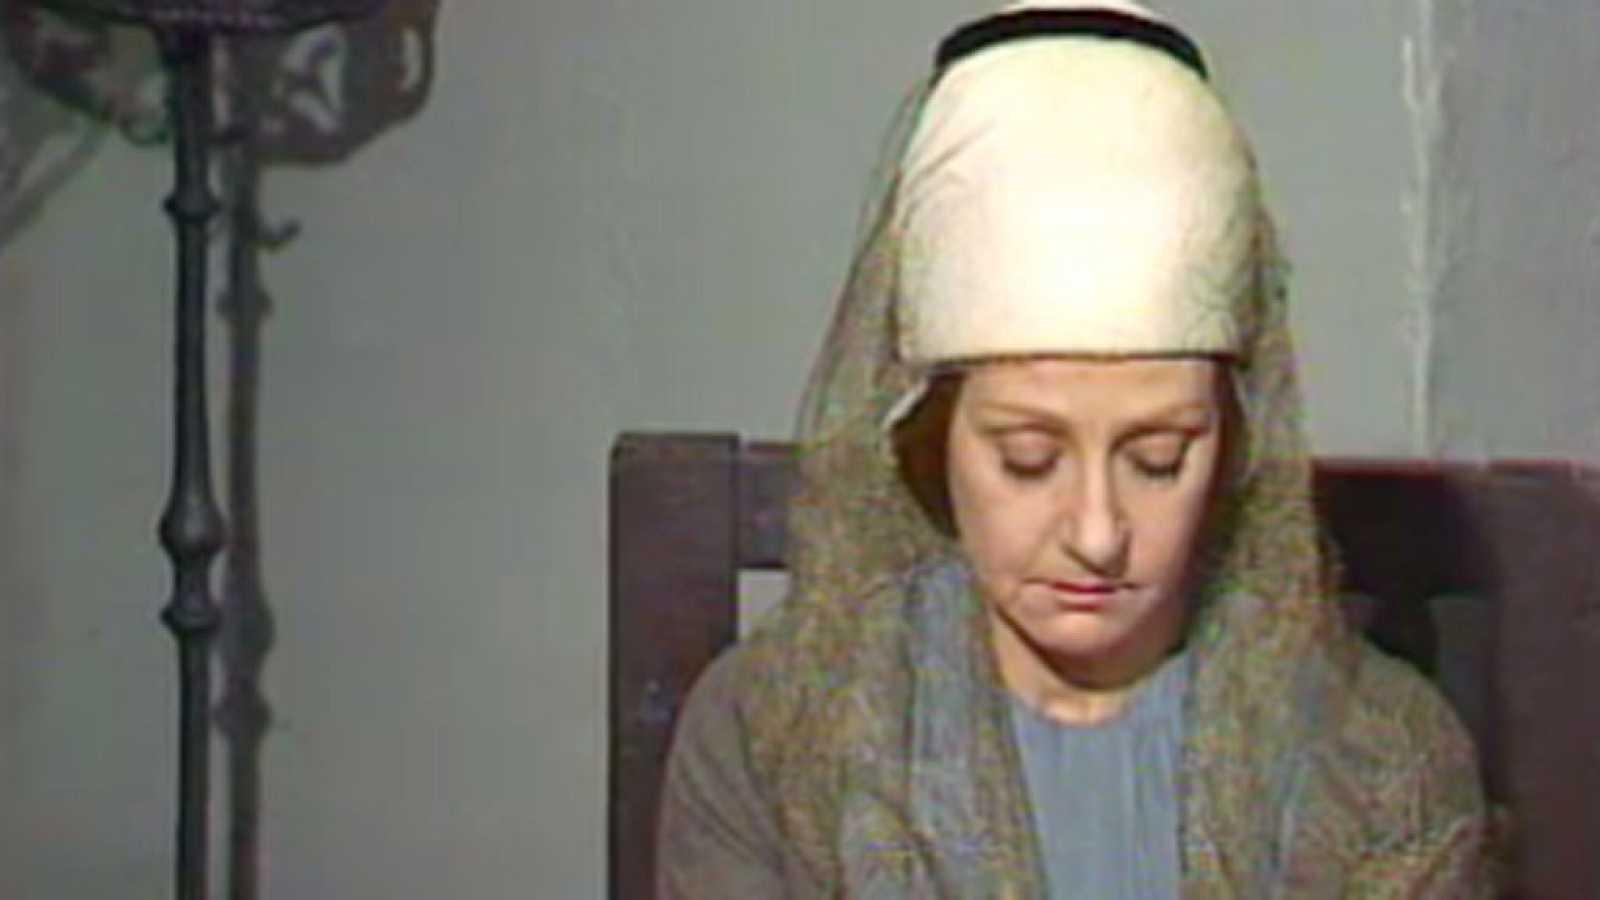 Mujeres insólitas - La reina loca de amor (Juana de Castilla) reproducir  video